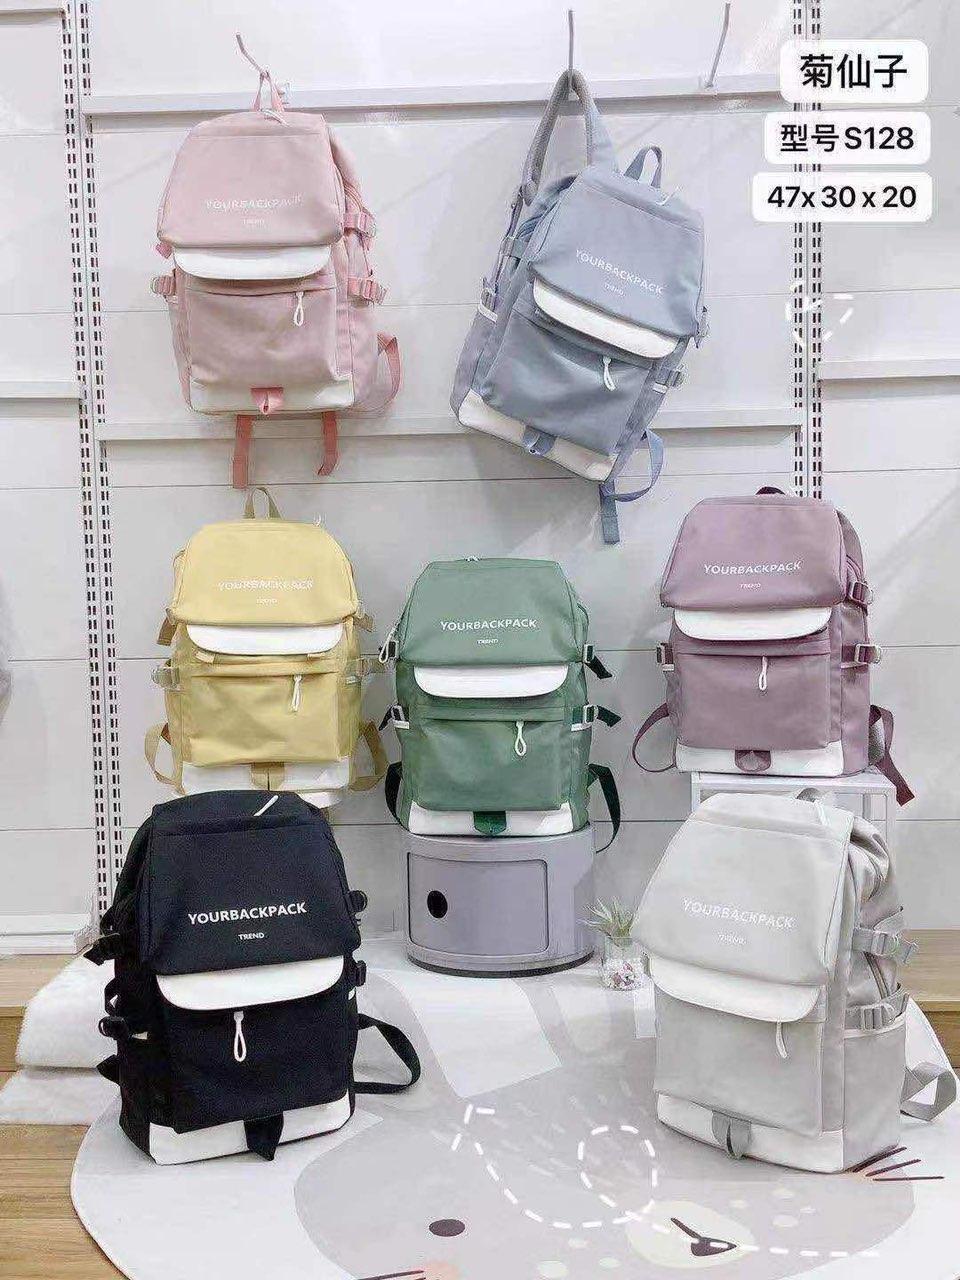 Рюкзак городской стильный тканевый в разных цветах 47*30 см Mark